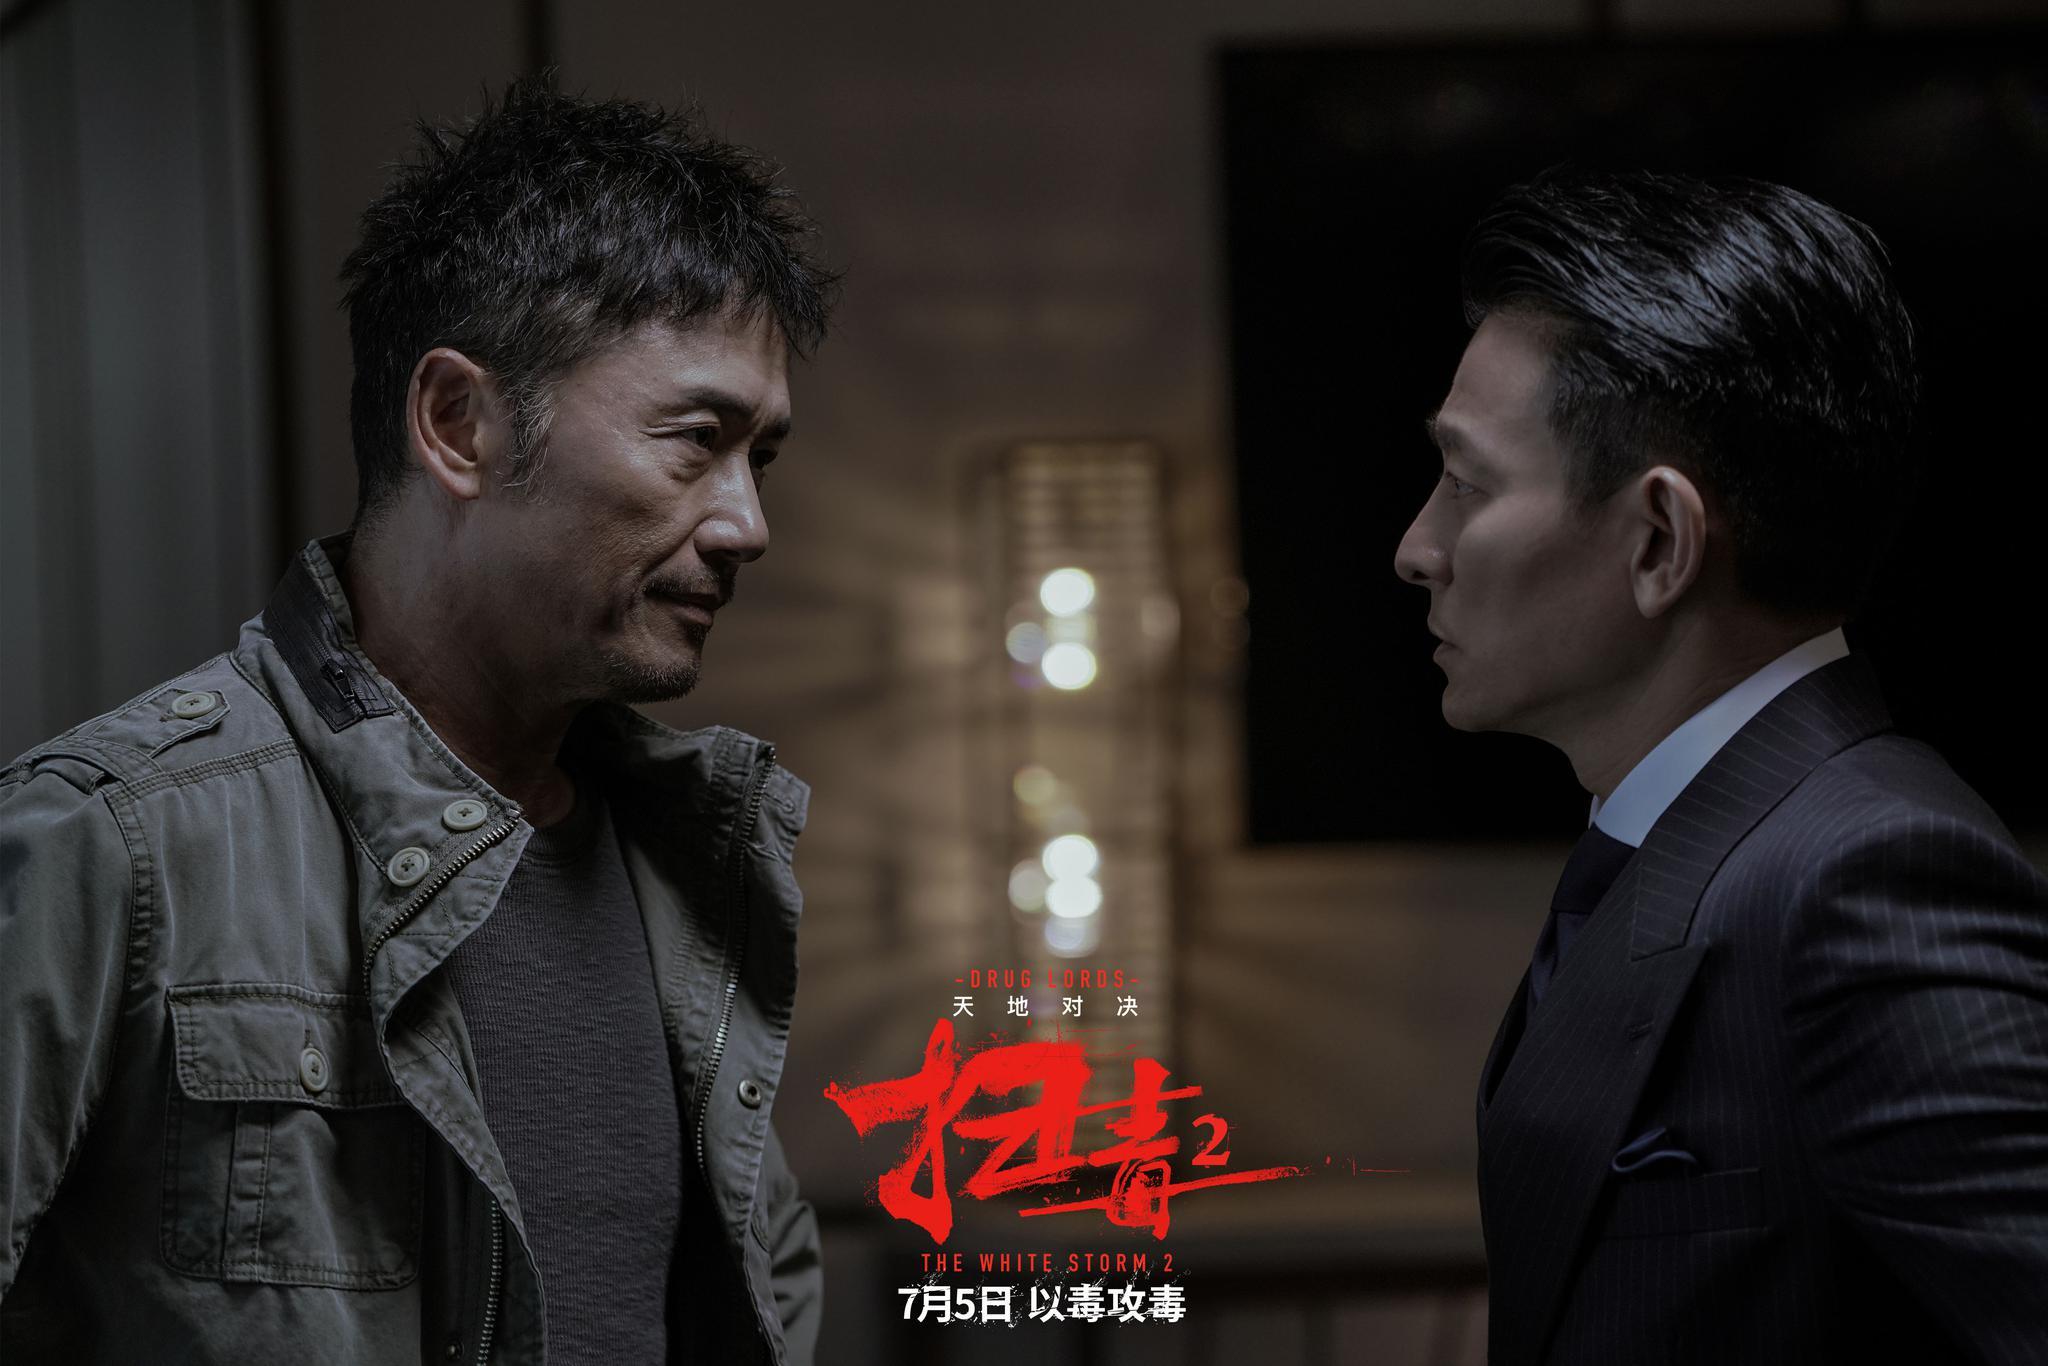 《扫毒2》曝刘德华特辑 扫毒之战亲自上阵戏里戏外皆英雄